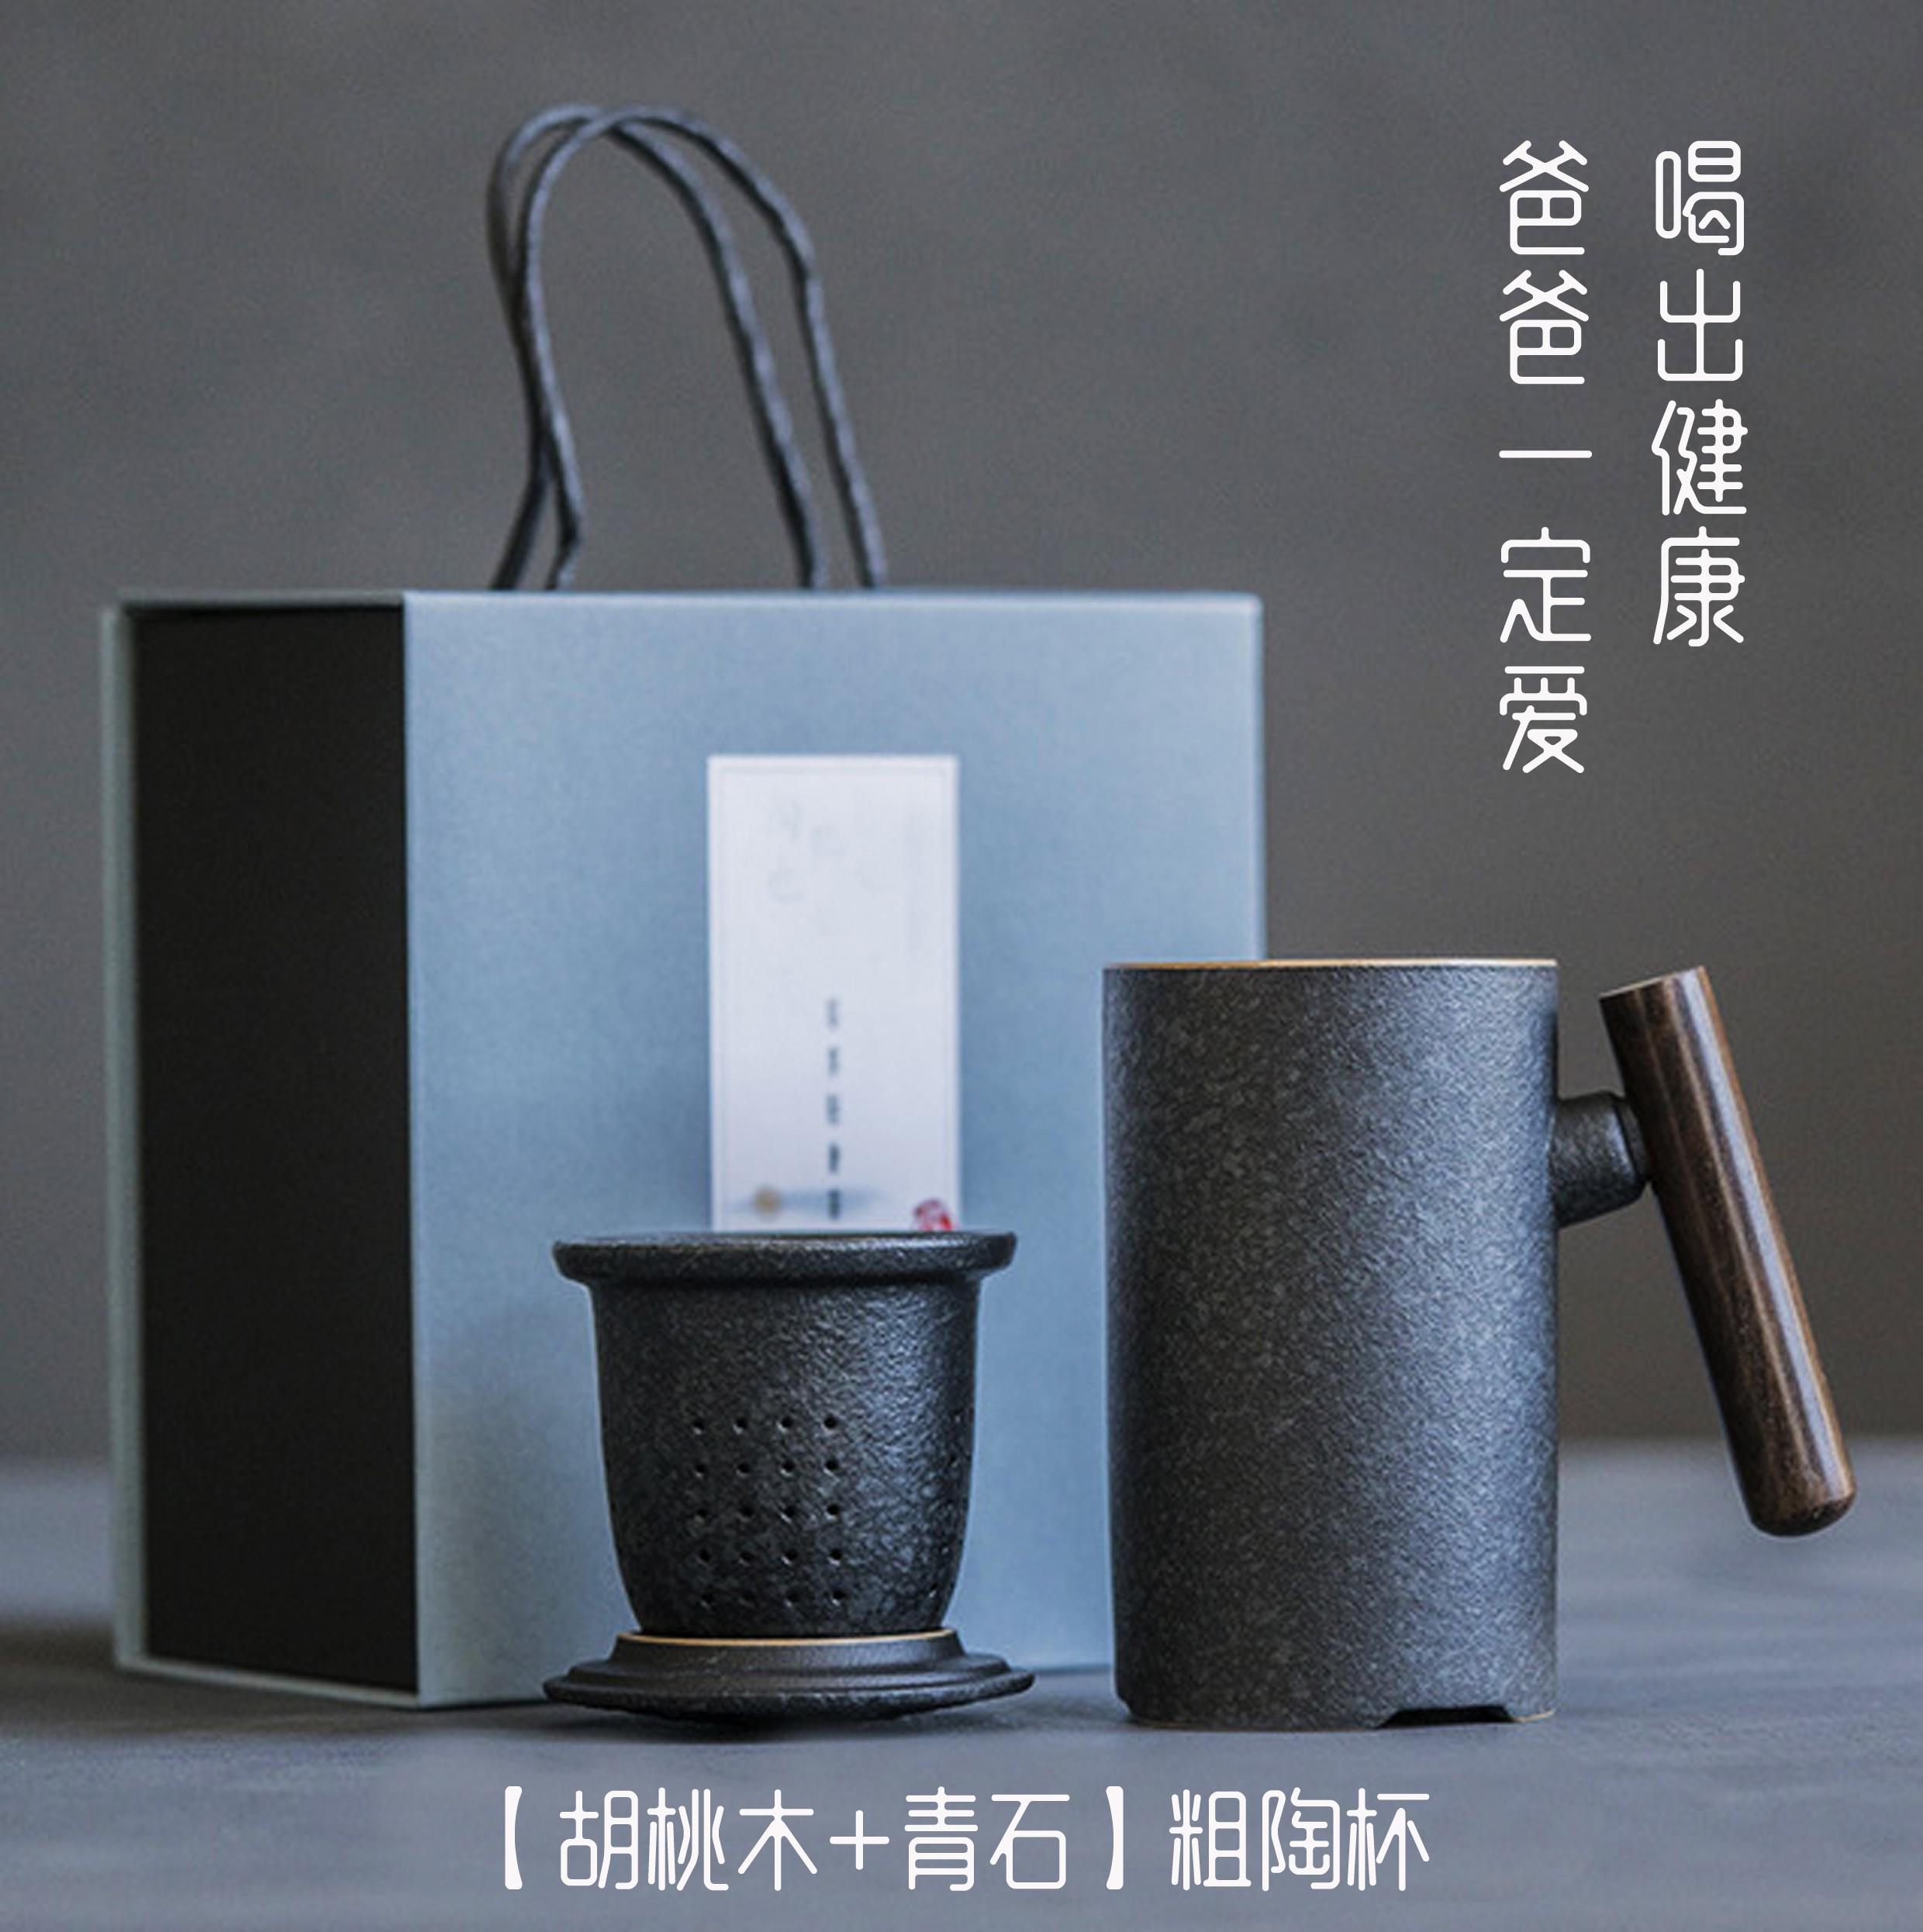 父親節爸爸長輩生日禮物送領導50中年男實用高檔老師岳父茶杯茶具